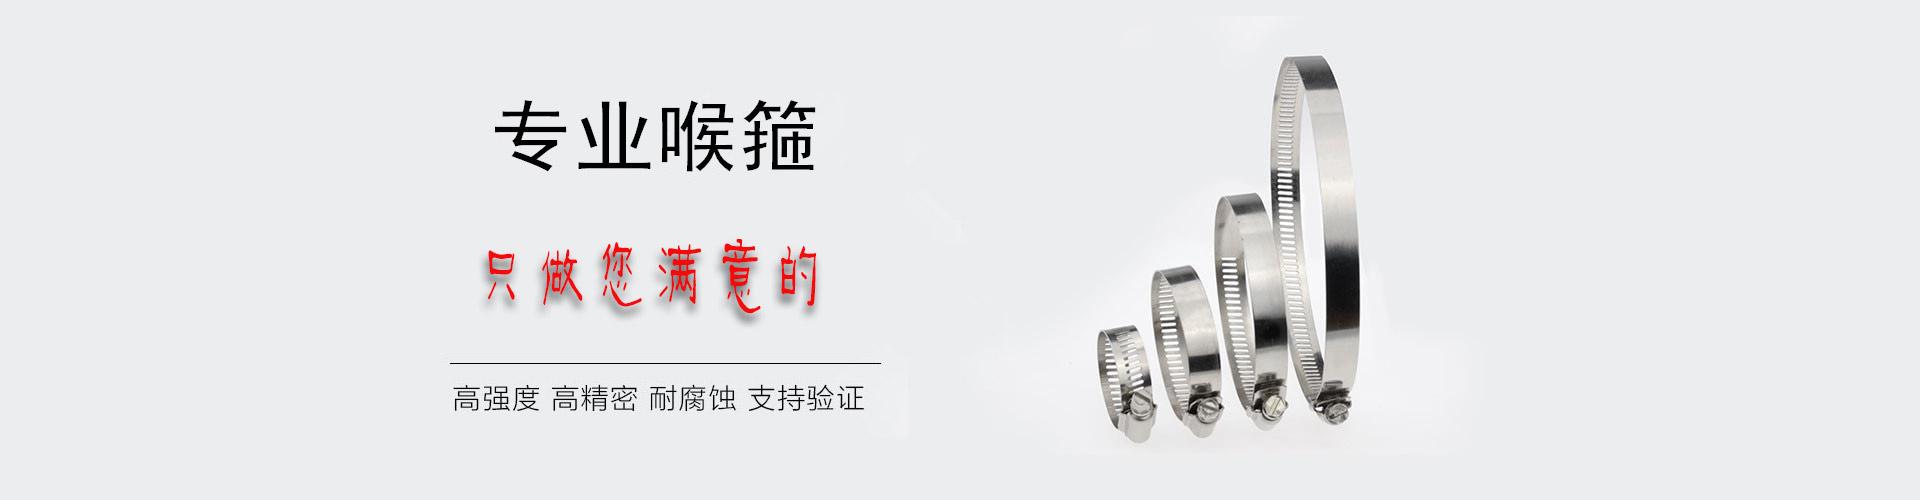 不锈钢喉箍生产厂家